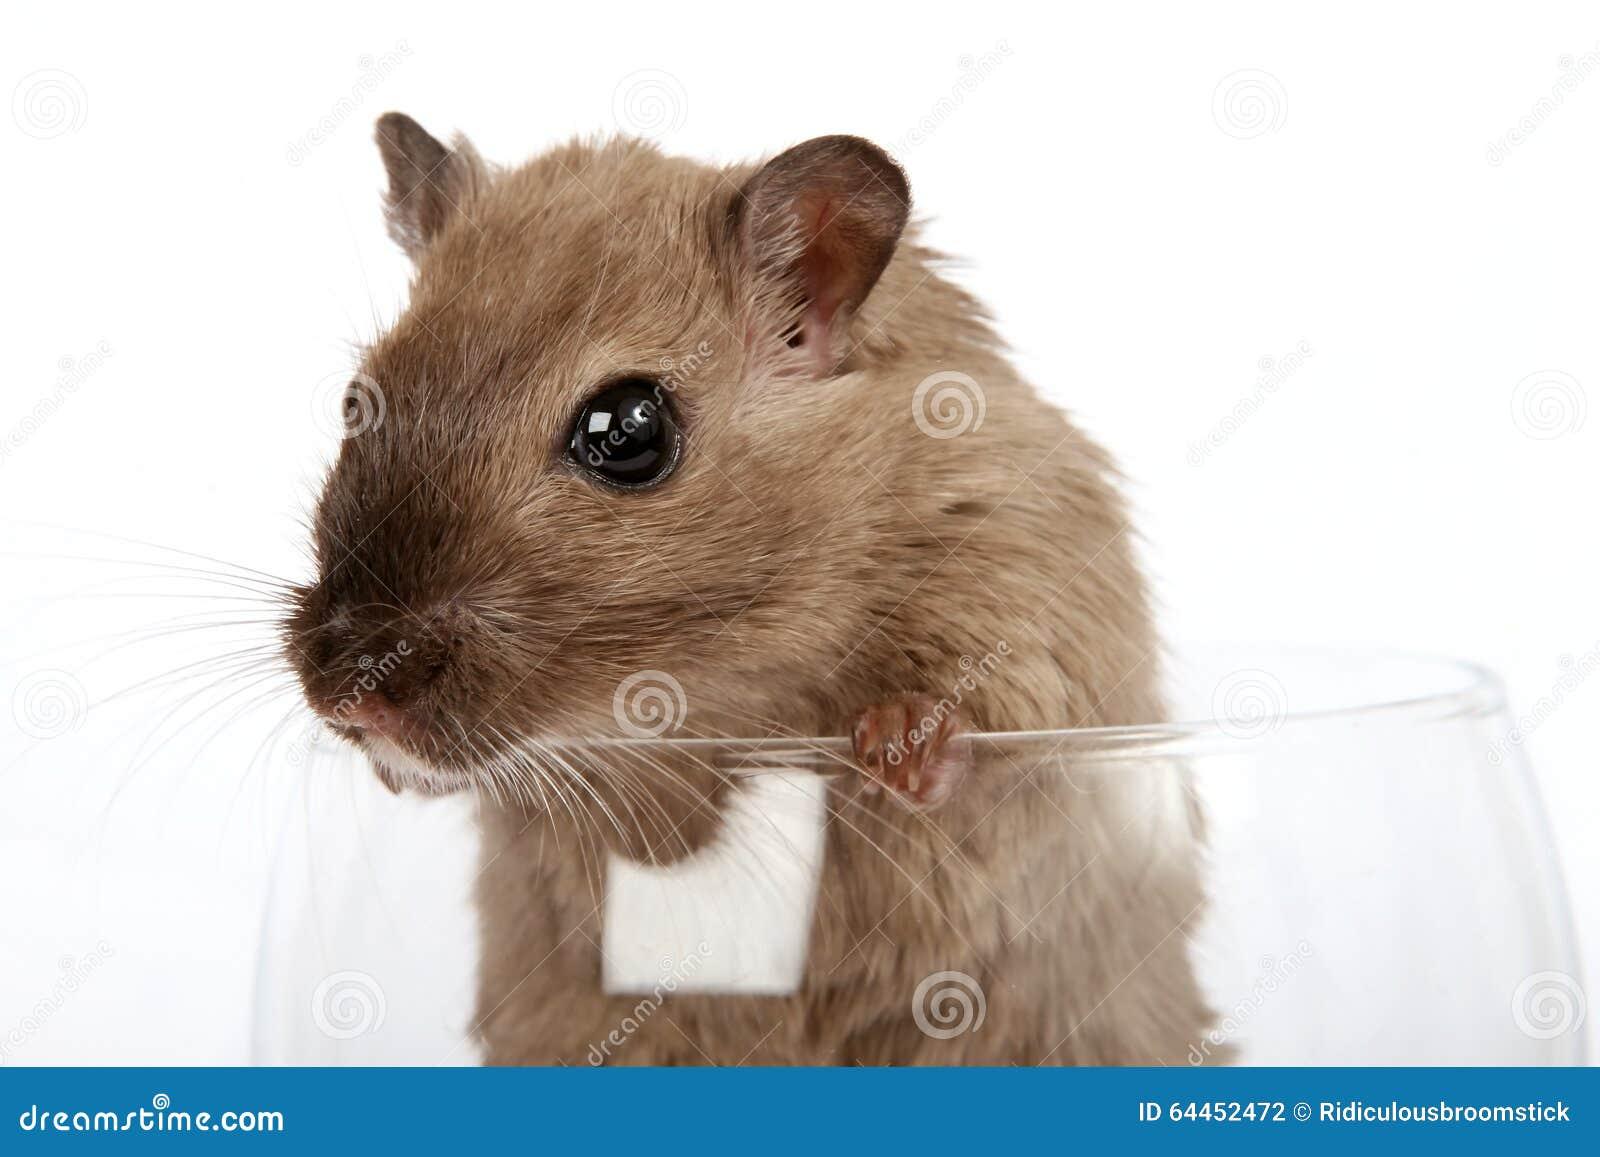 宠物啮齿目动物的概念照片在酒杯的